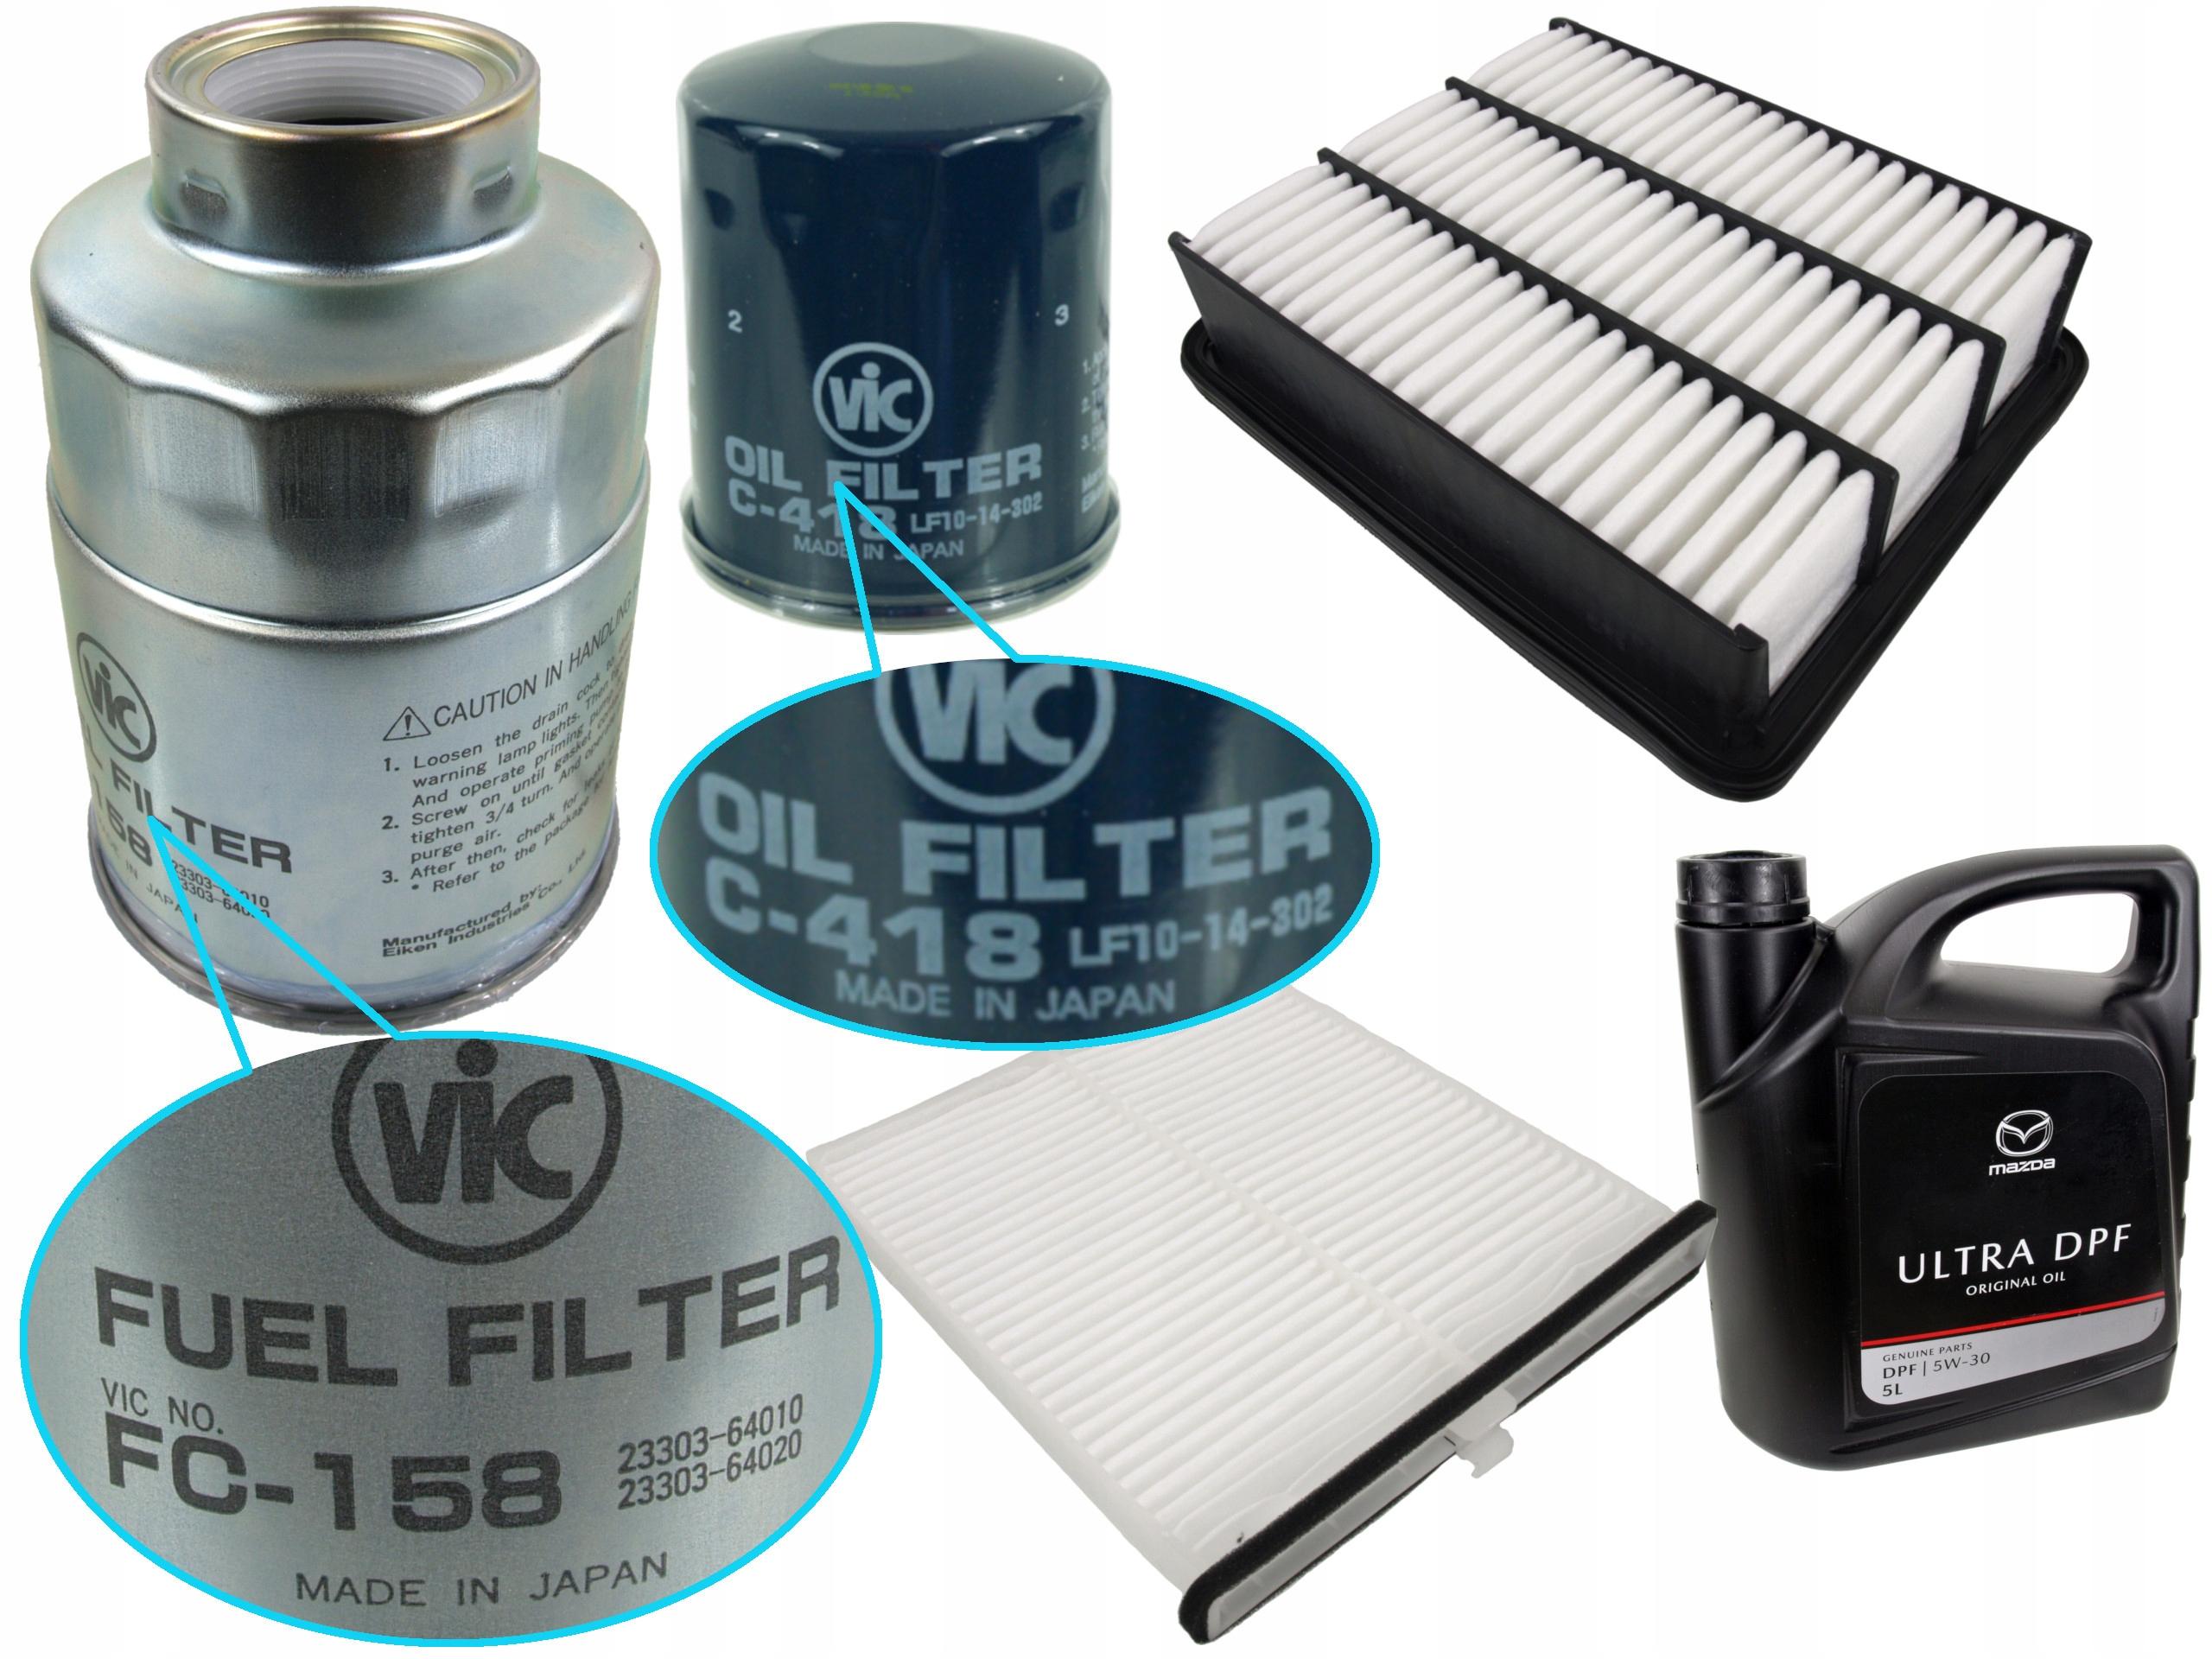 комплект комплект фильтры mazda 6 iii gj gl dpf 5w-30